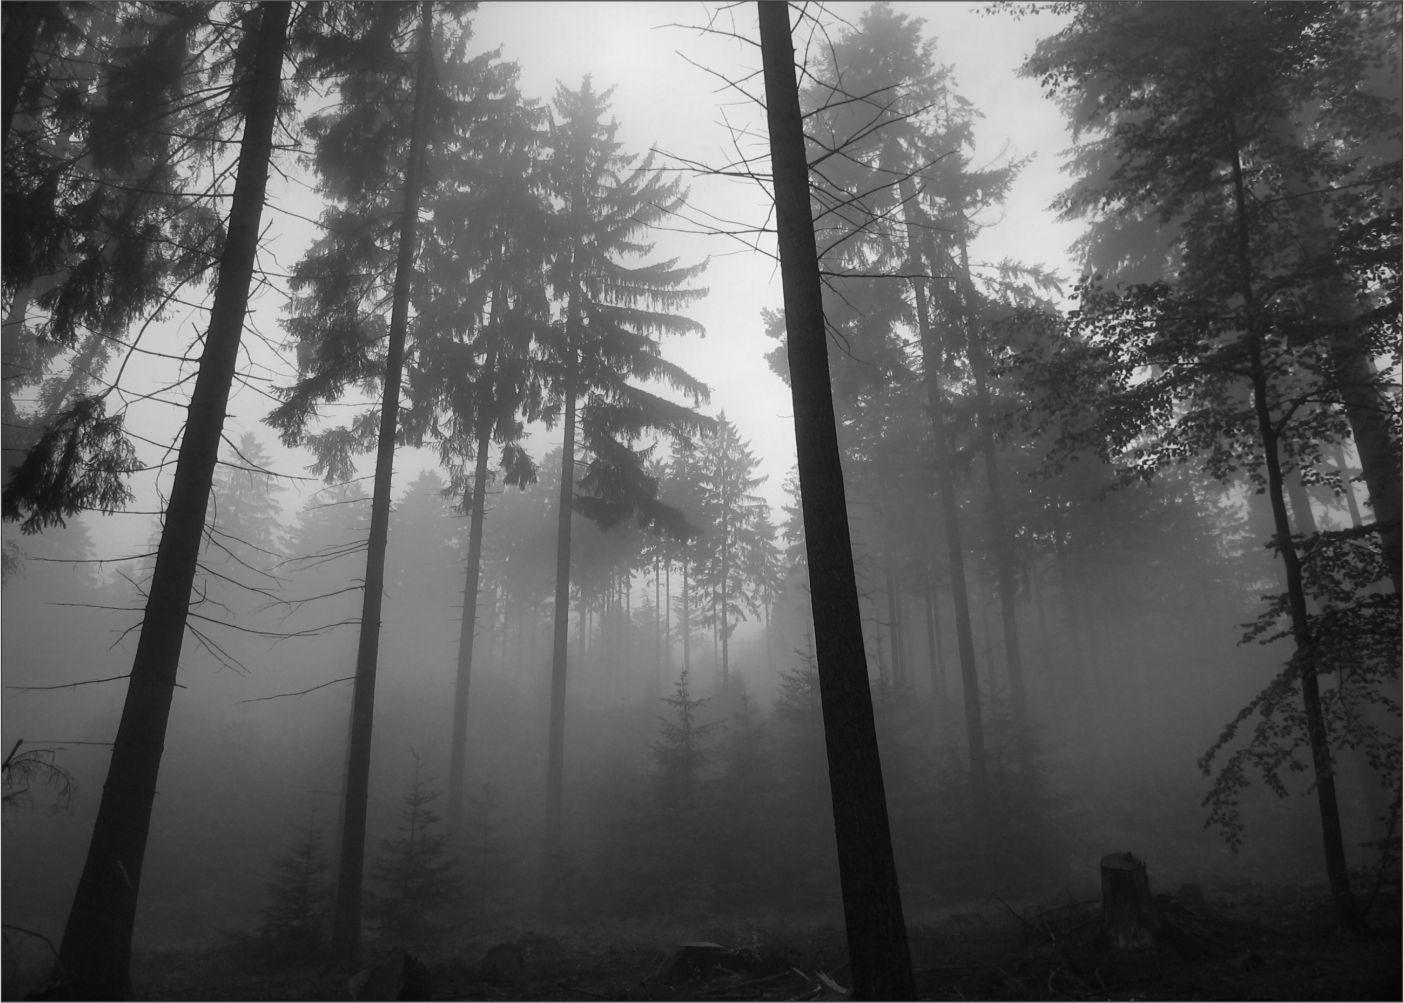 Papel de Parede Paisagens Floresta 0011  - Paredes Decoradas